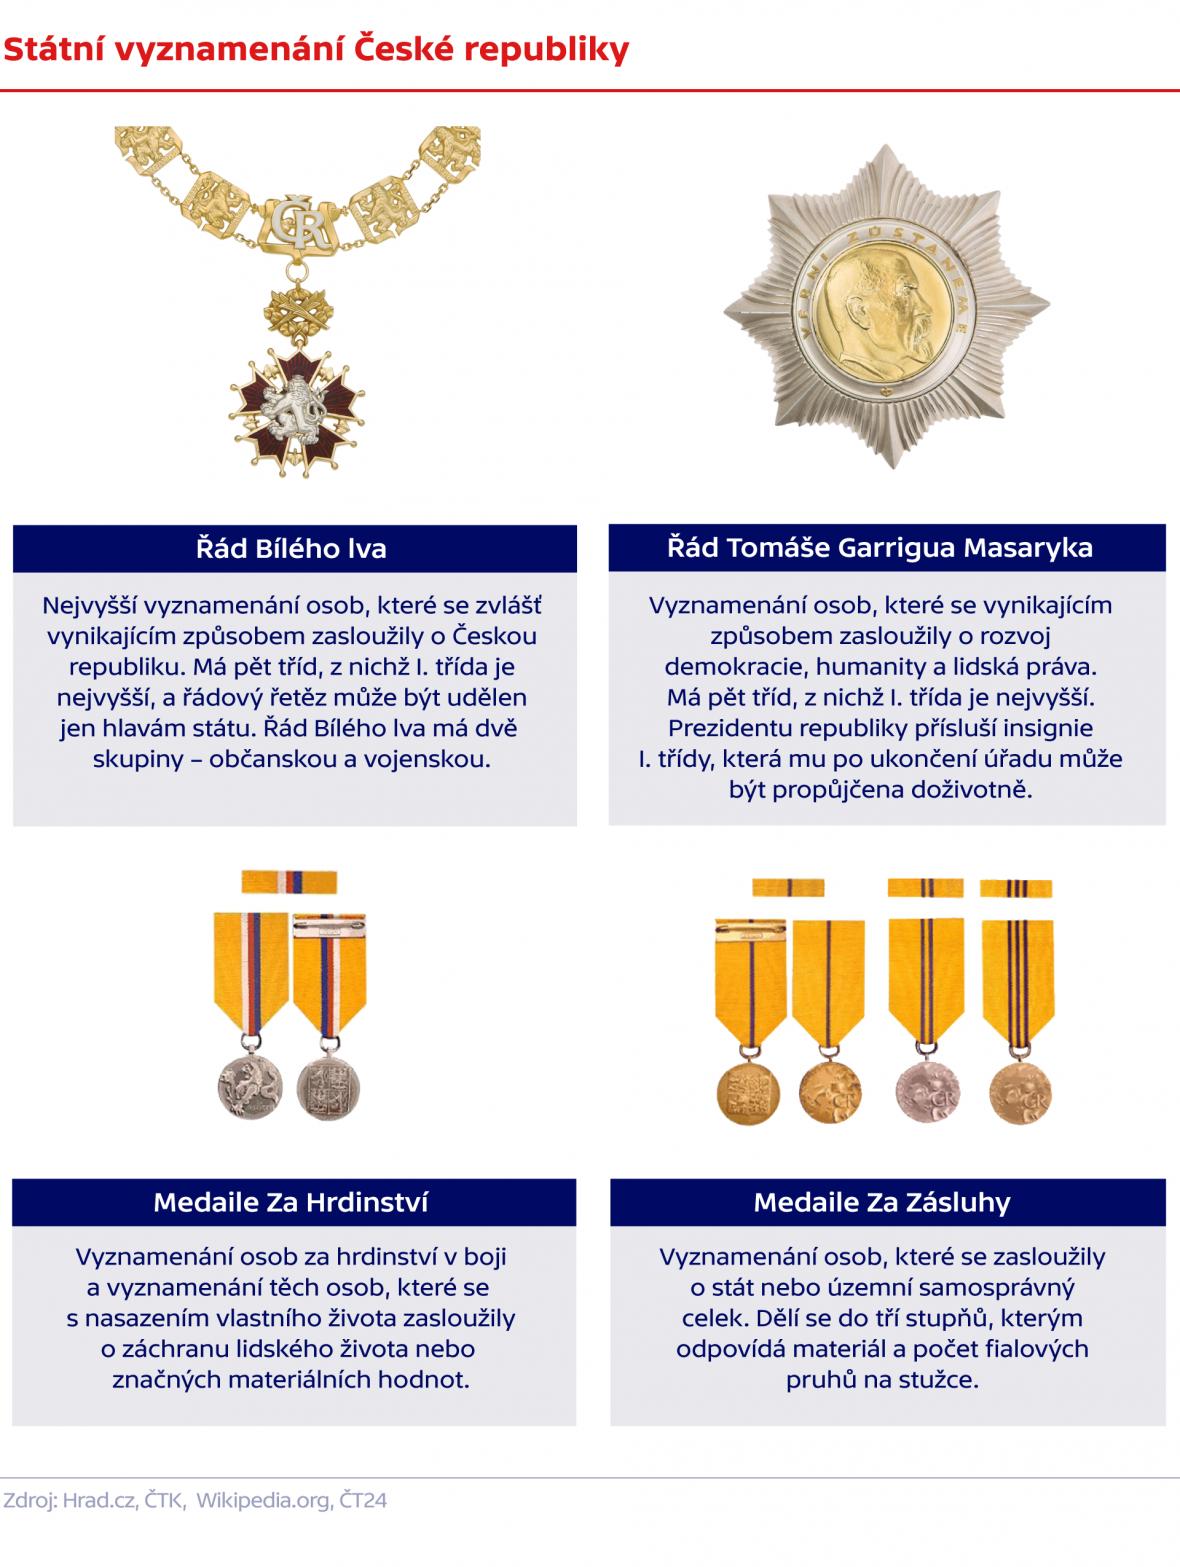 Státní vyznamenání České republiky